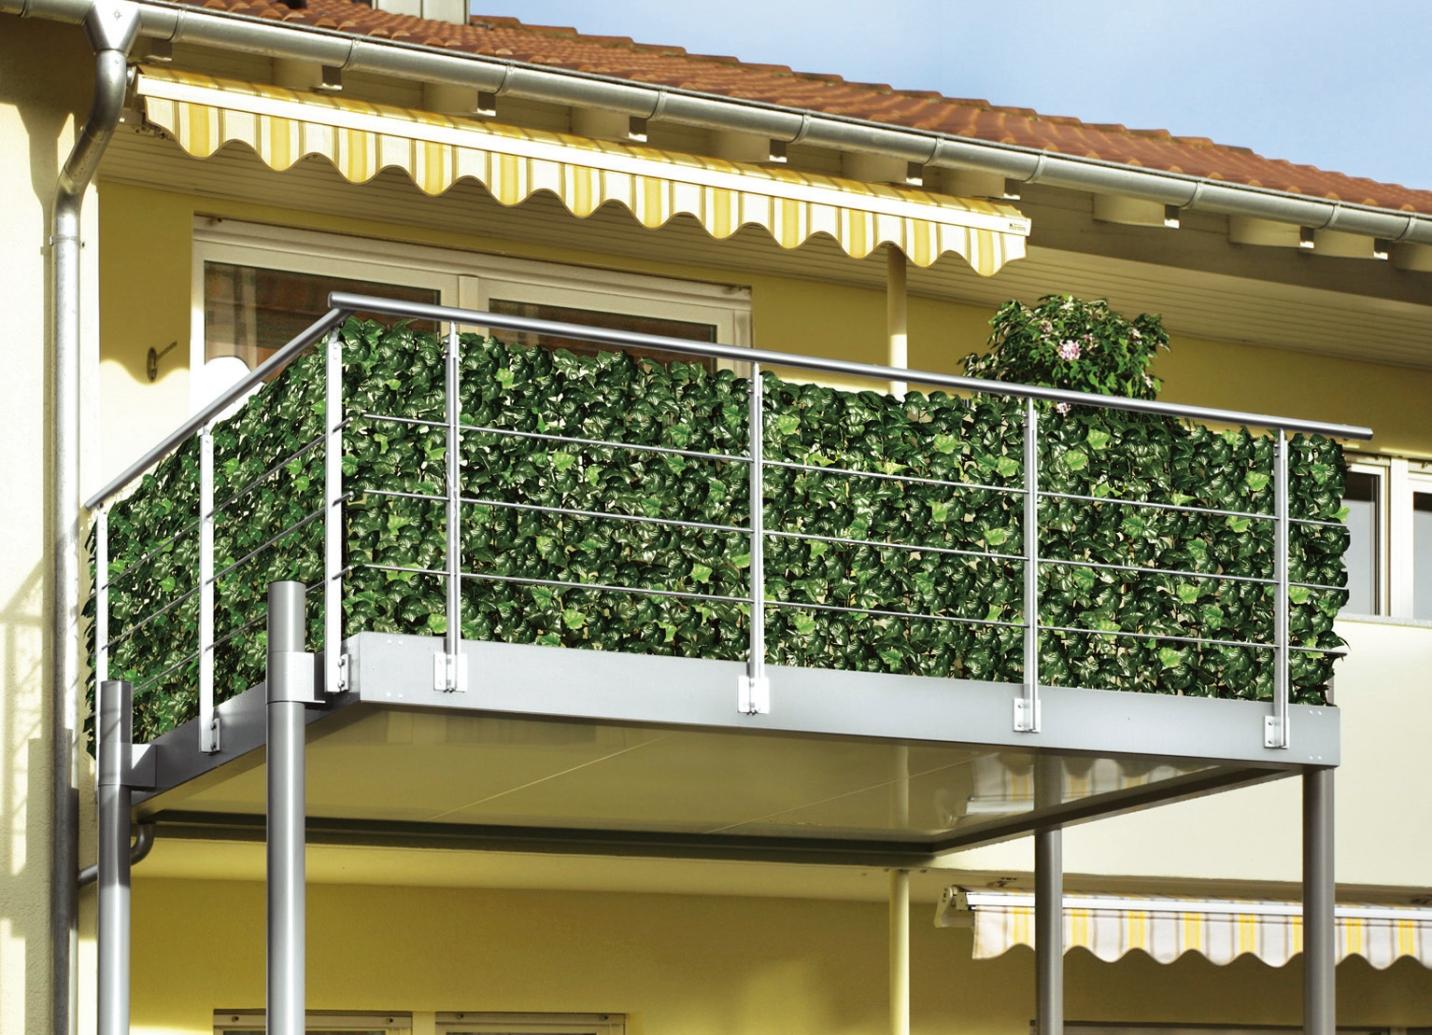 Balkon Sichtschutz Pflanzen Kreative Ideen für Innendekoration